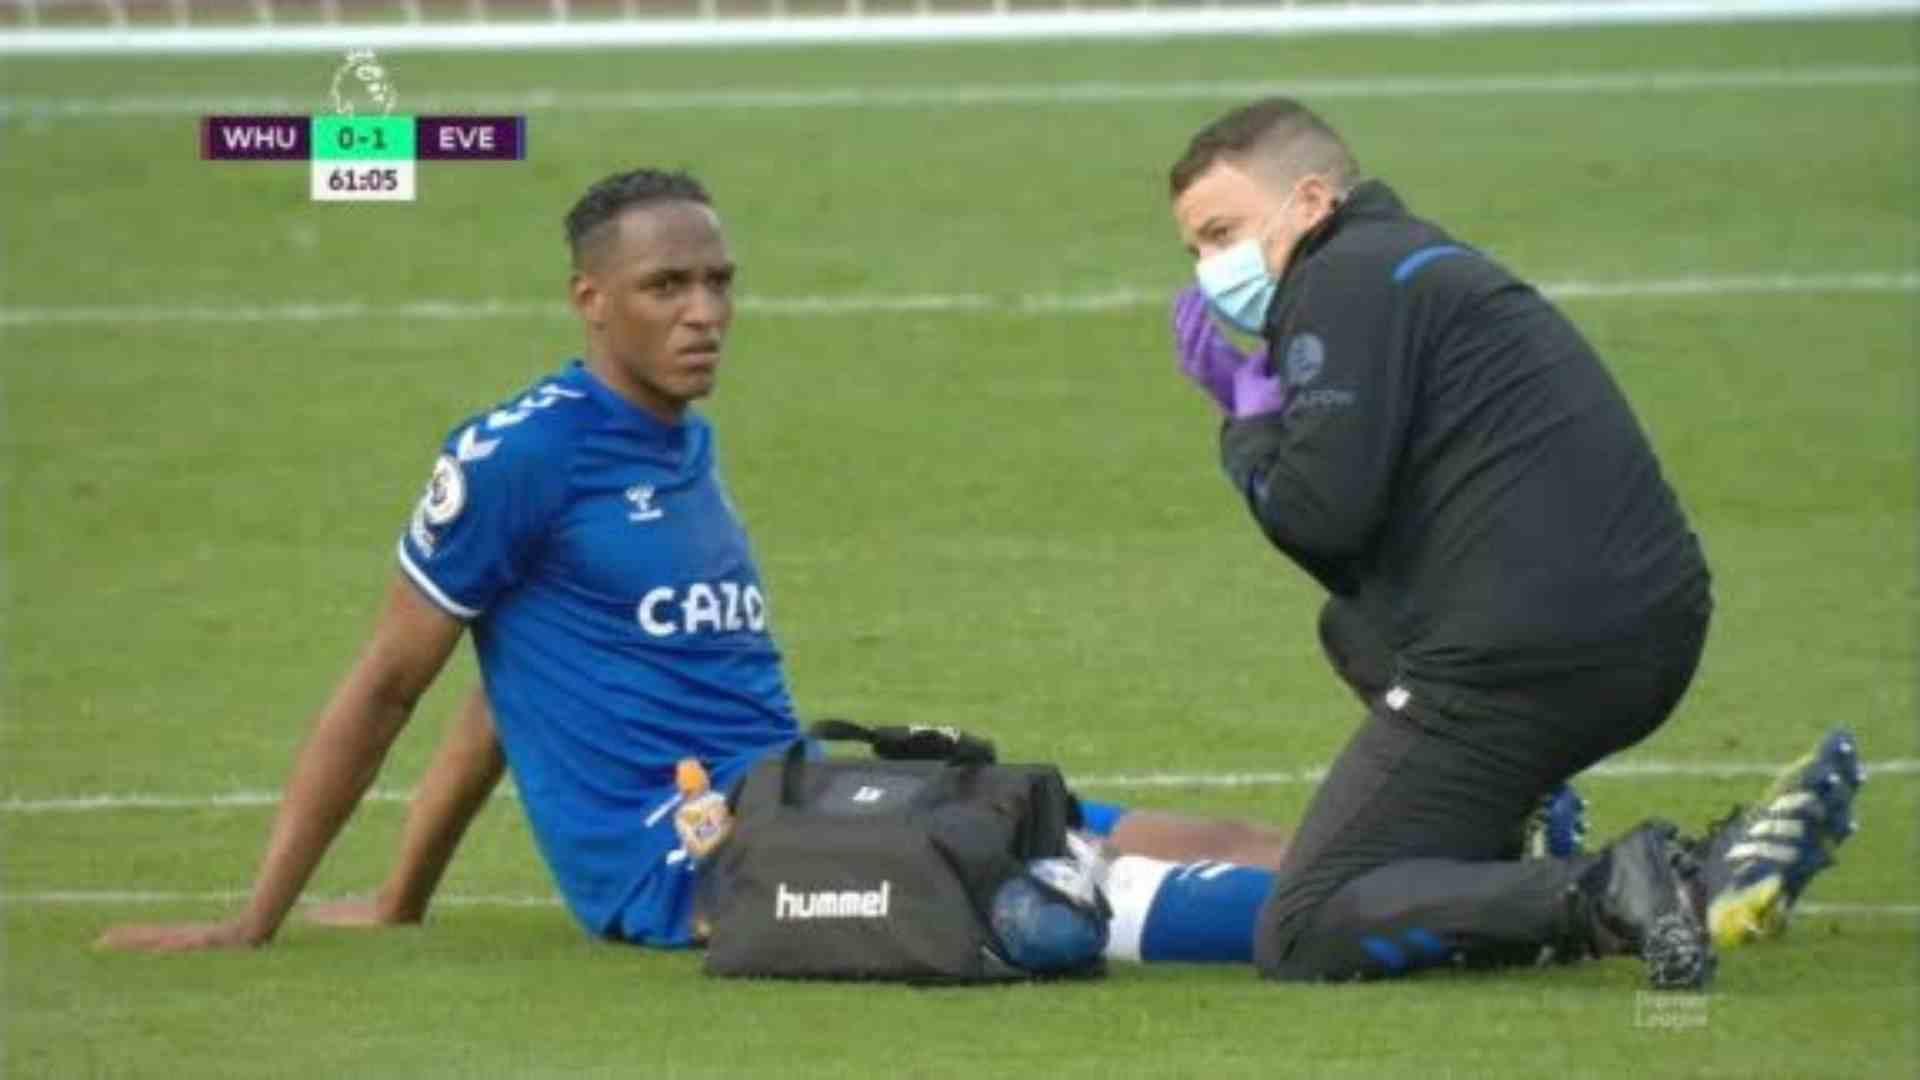 ¡No puede ser! Yerry Mina vuelve a salir lesionado del terreno de juego con Everton